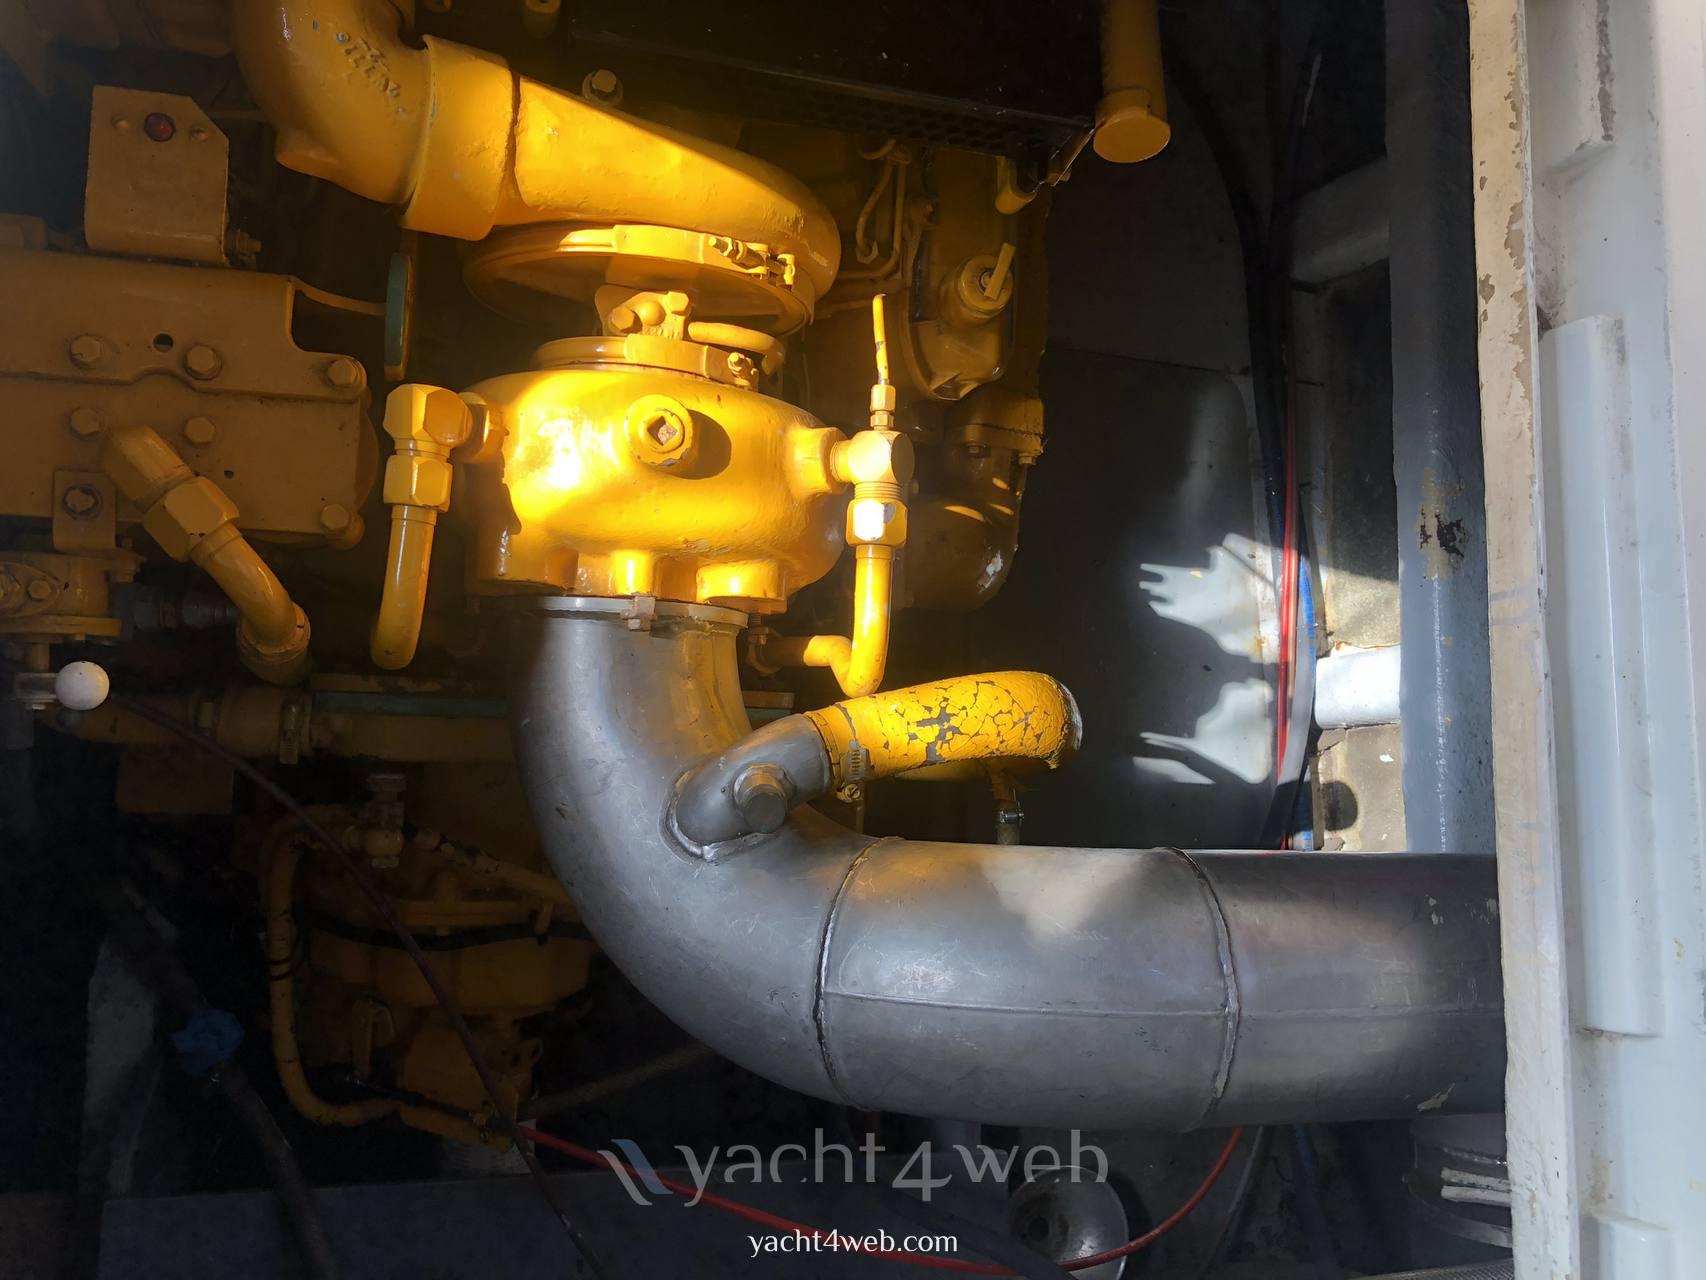 GEM NAUTICA Smeraldo 43 Motore